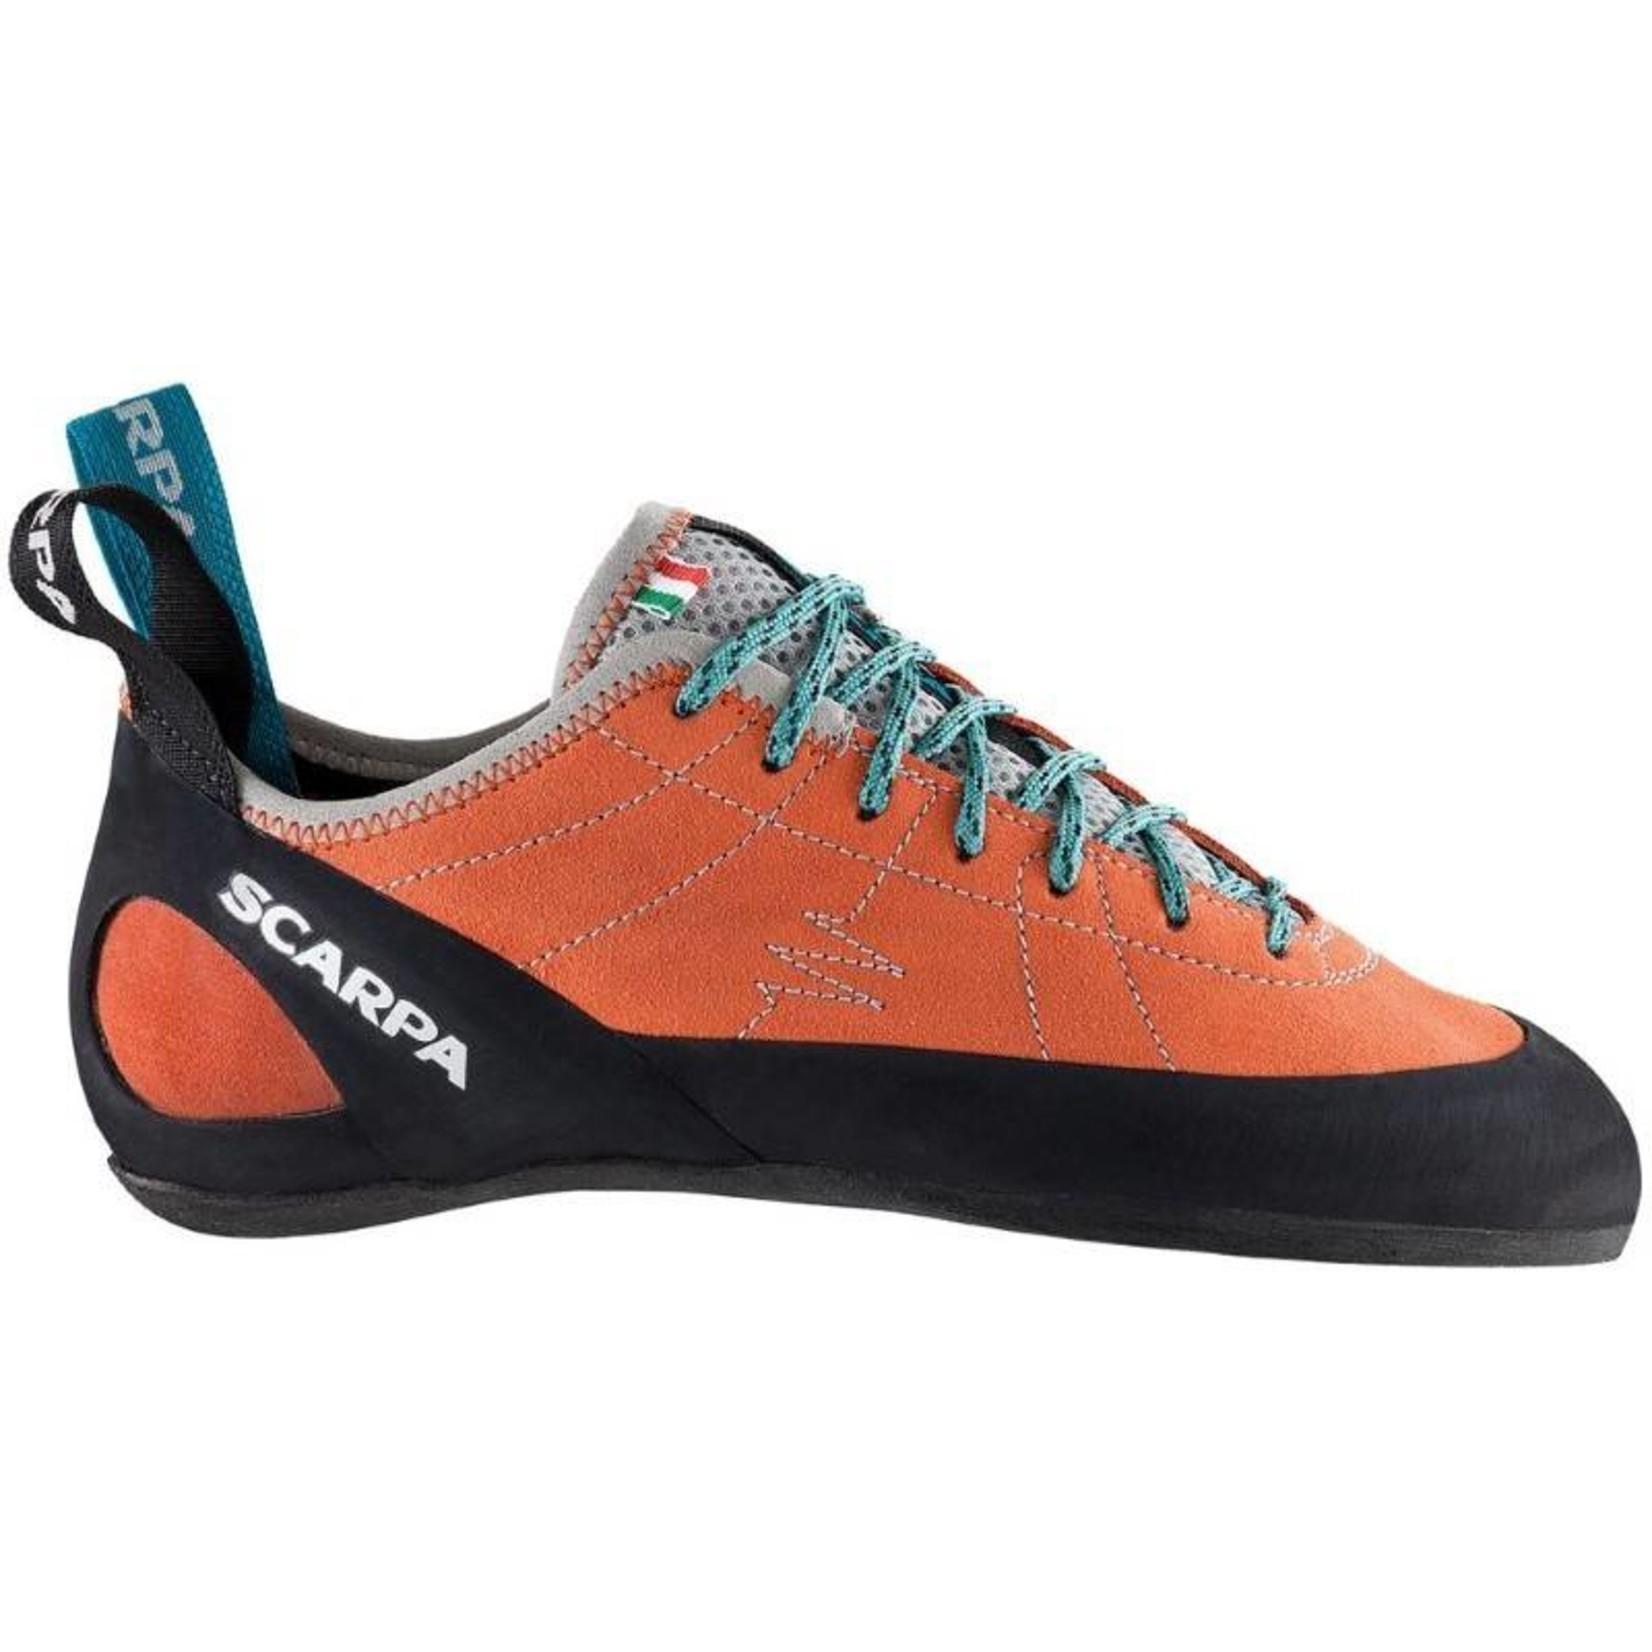 Scarpa Scarpa Helix Women Climbing Shoes